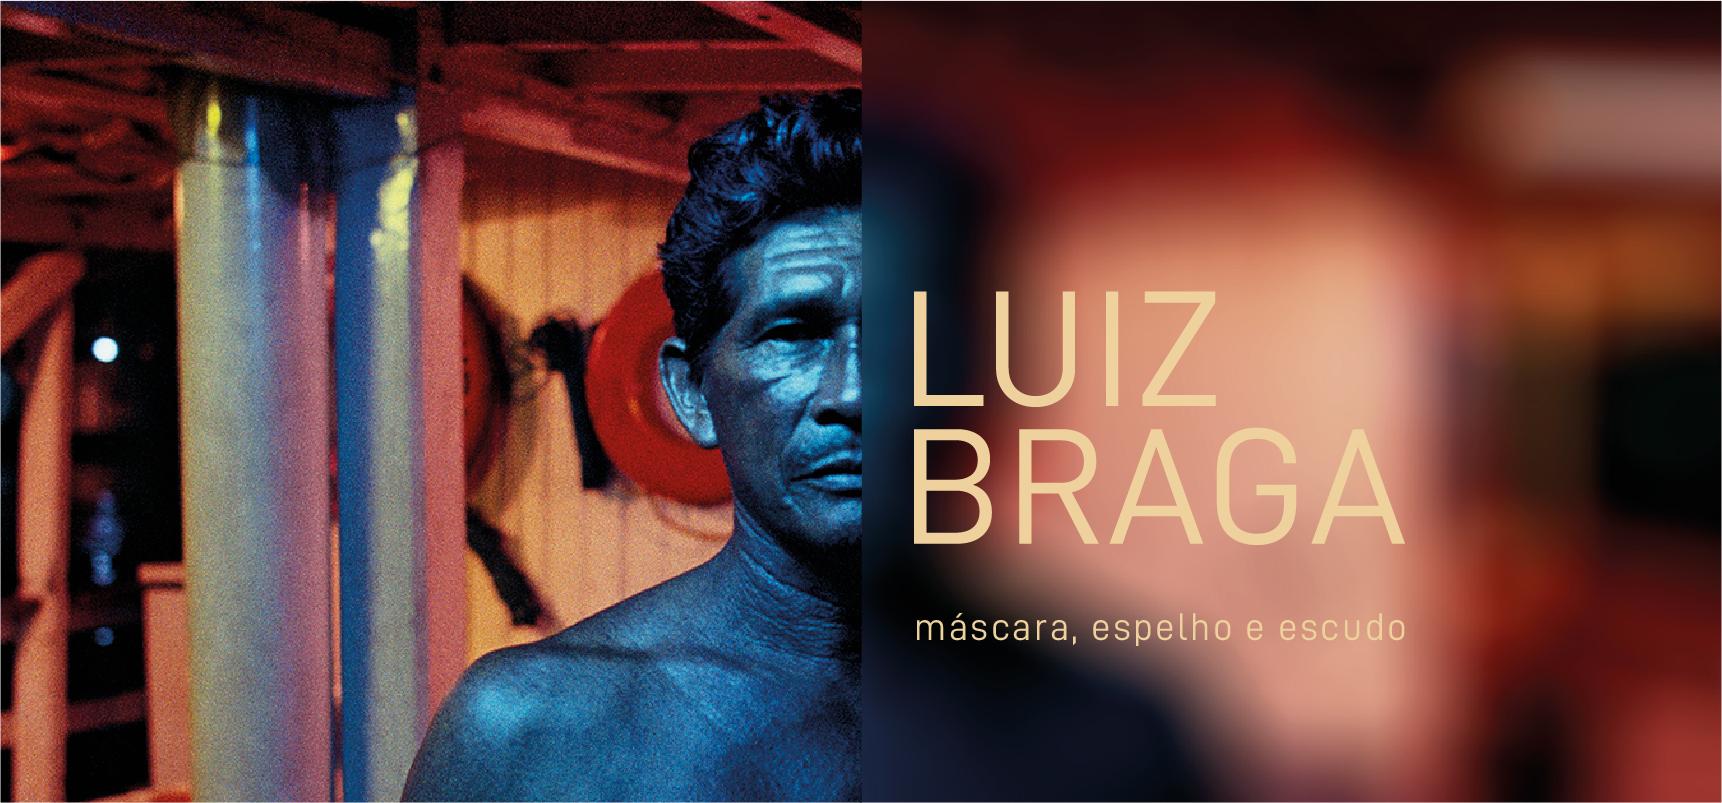 Luiz Braga: Máscara, espelho e escudo